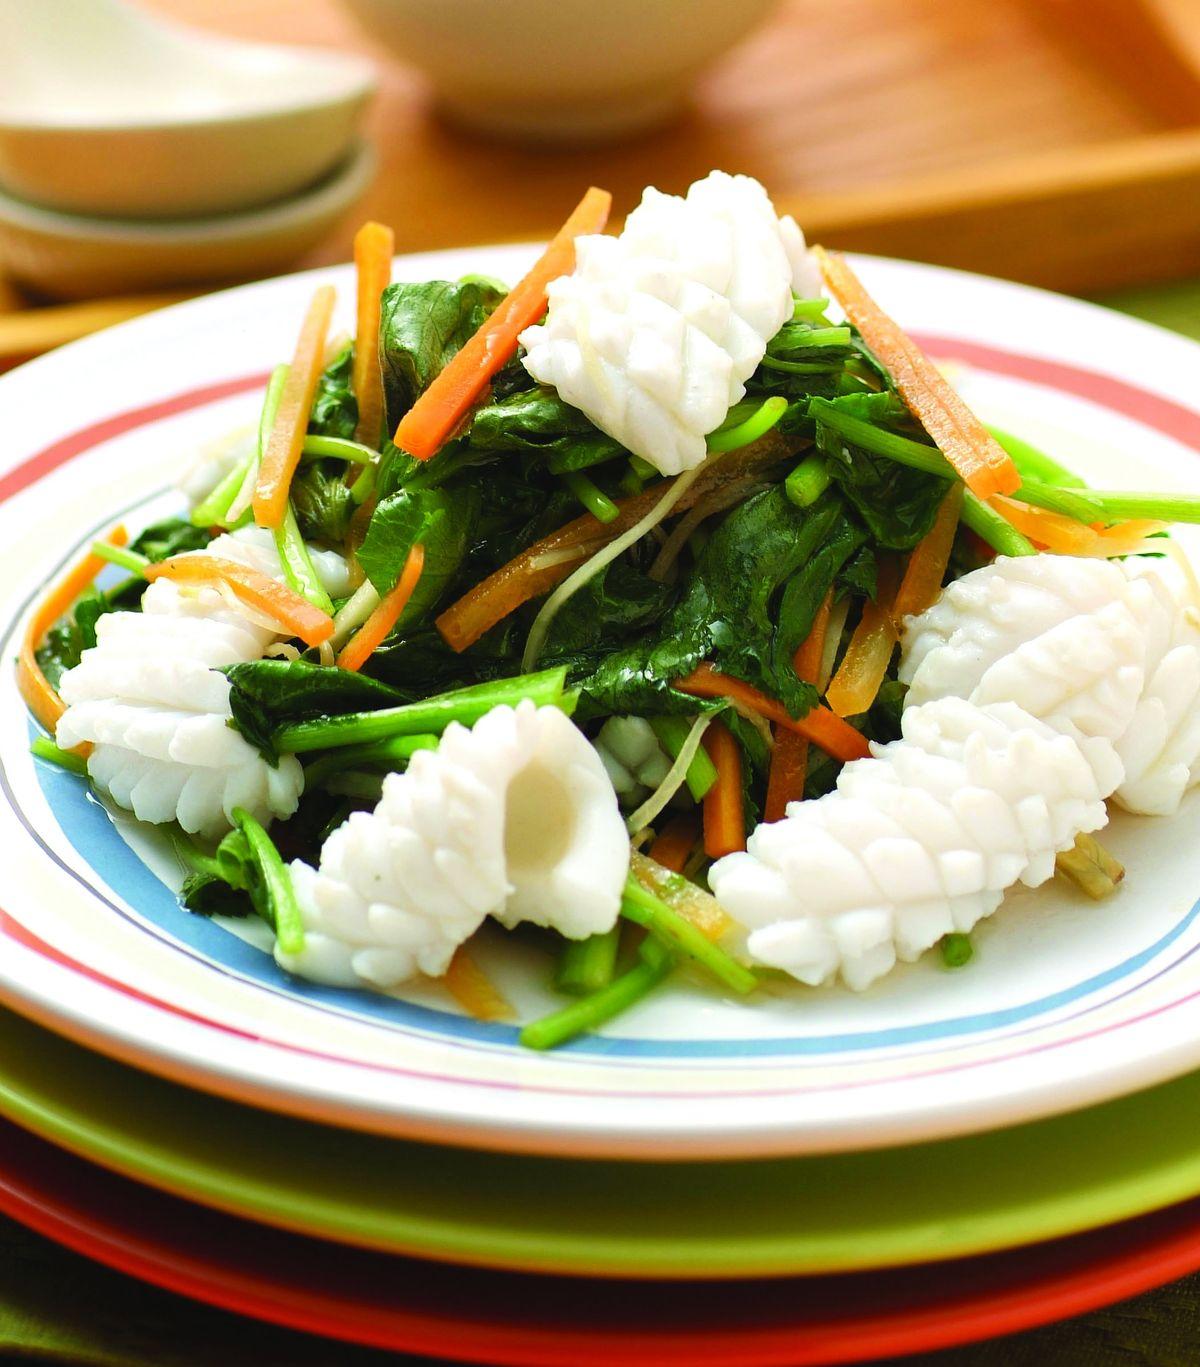 食譜:山芹菜炒中卷